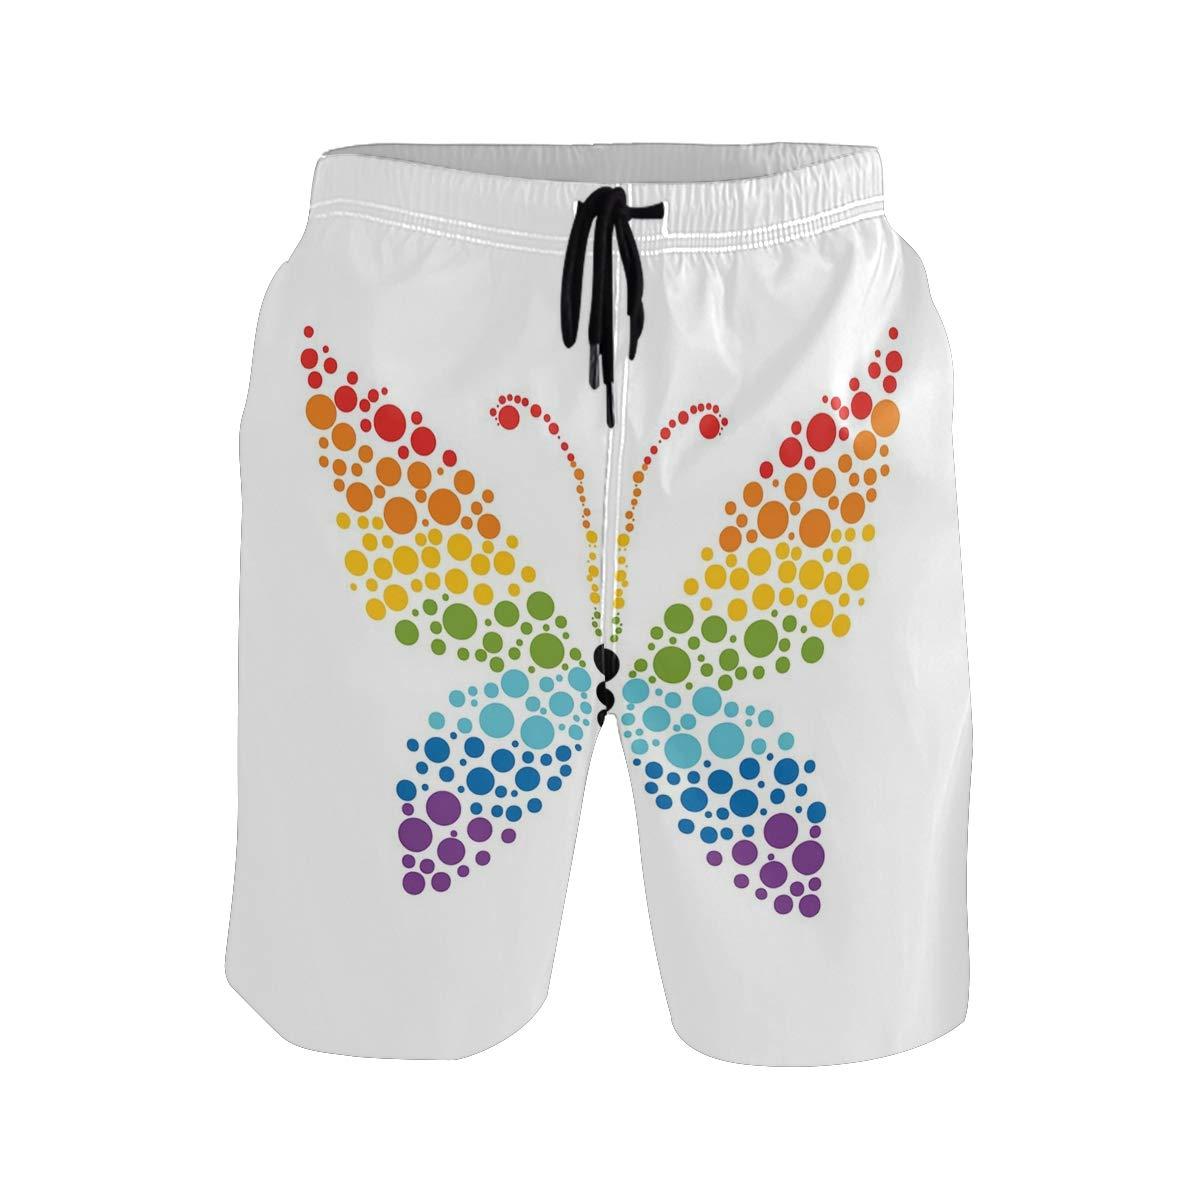 KVMV A Cute Retro Baby Boy Theme Quick Dry Beach Shorts